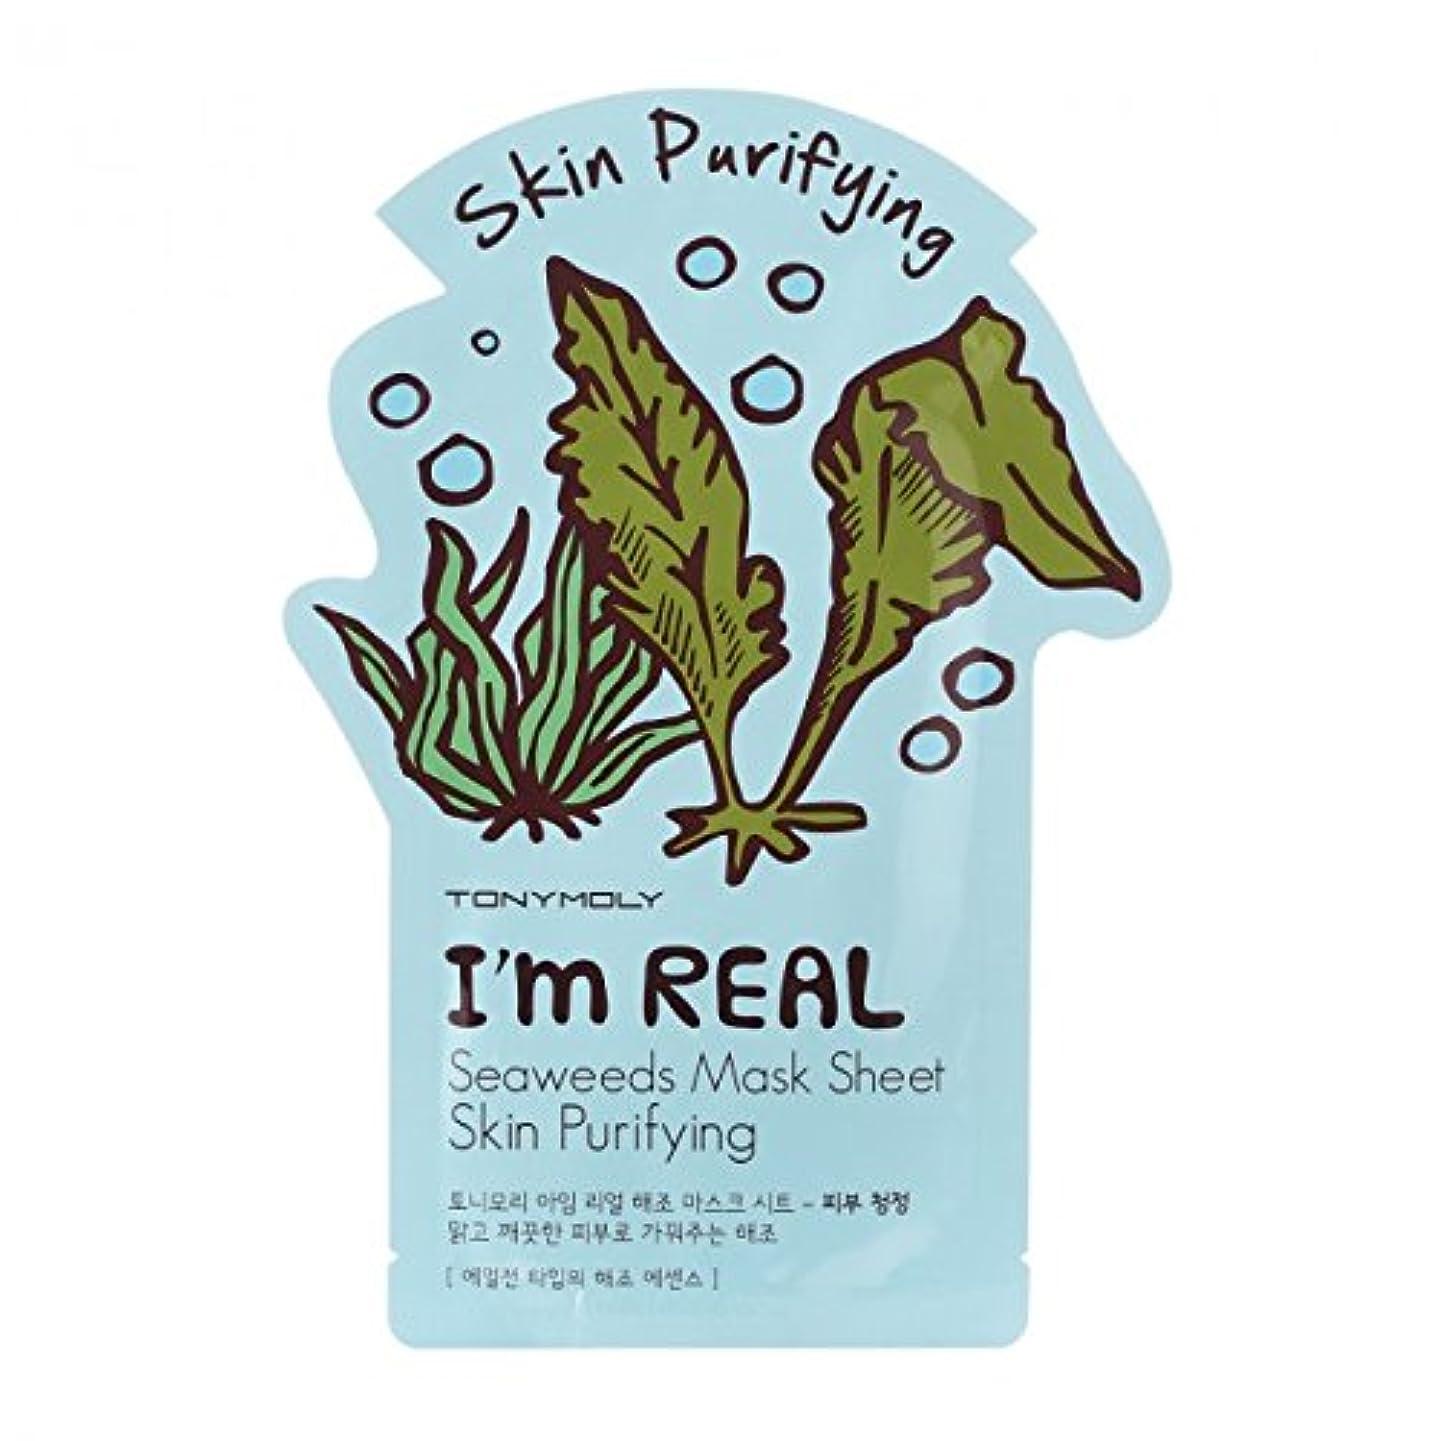 嬉しいですジョージバーナード一緒(3 Pack) TONYMOLY I'm Real Seaweeds Mask Sheet Skin Purifying (並行輸入品)